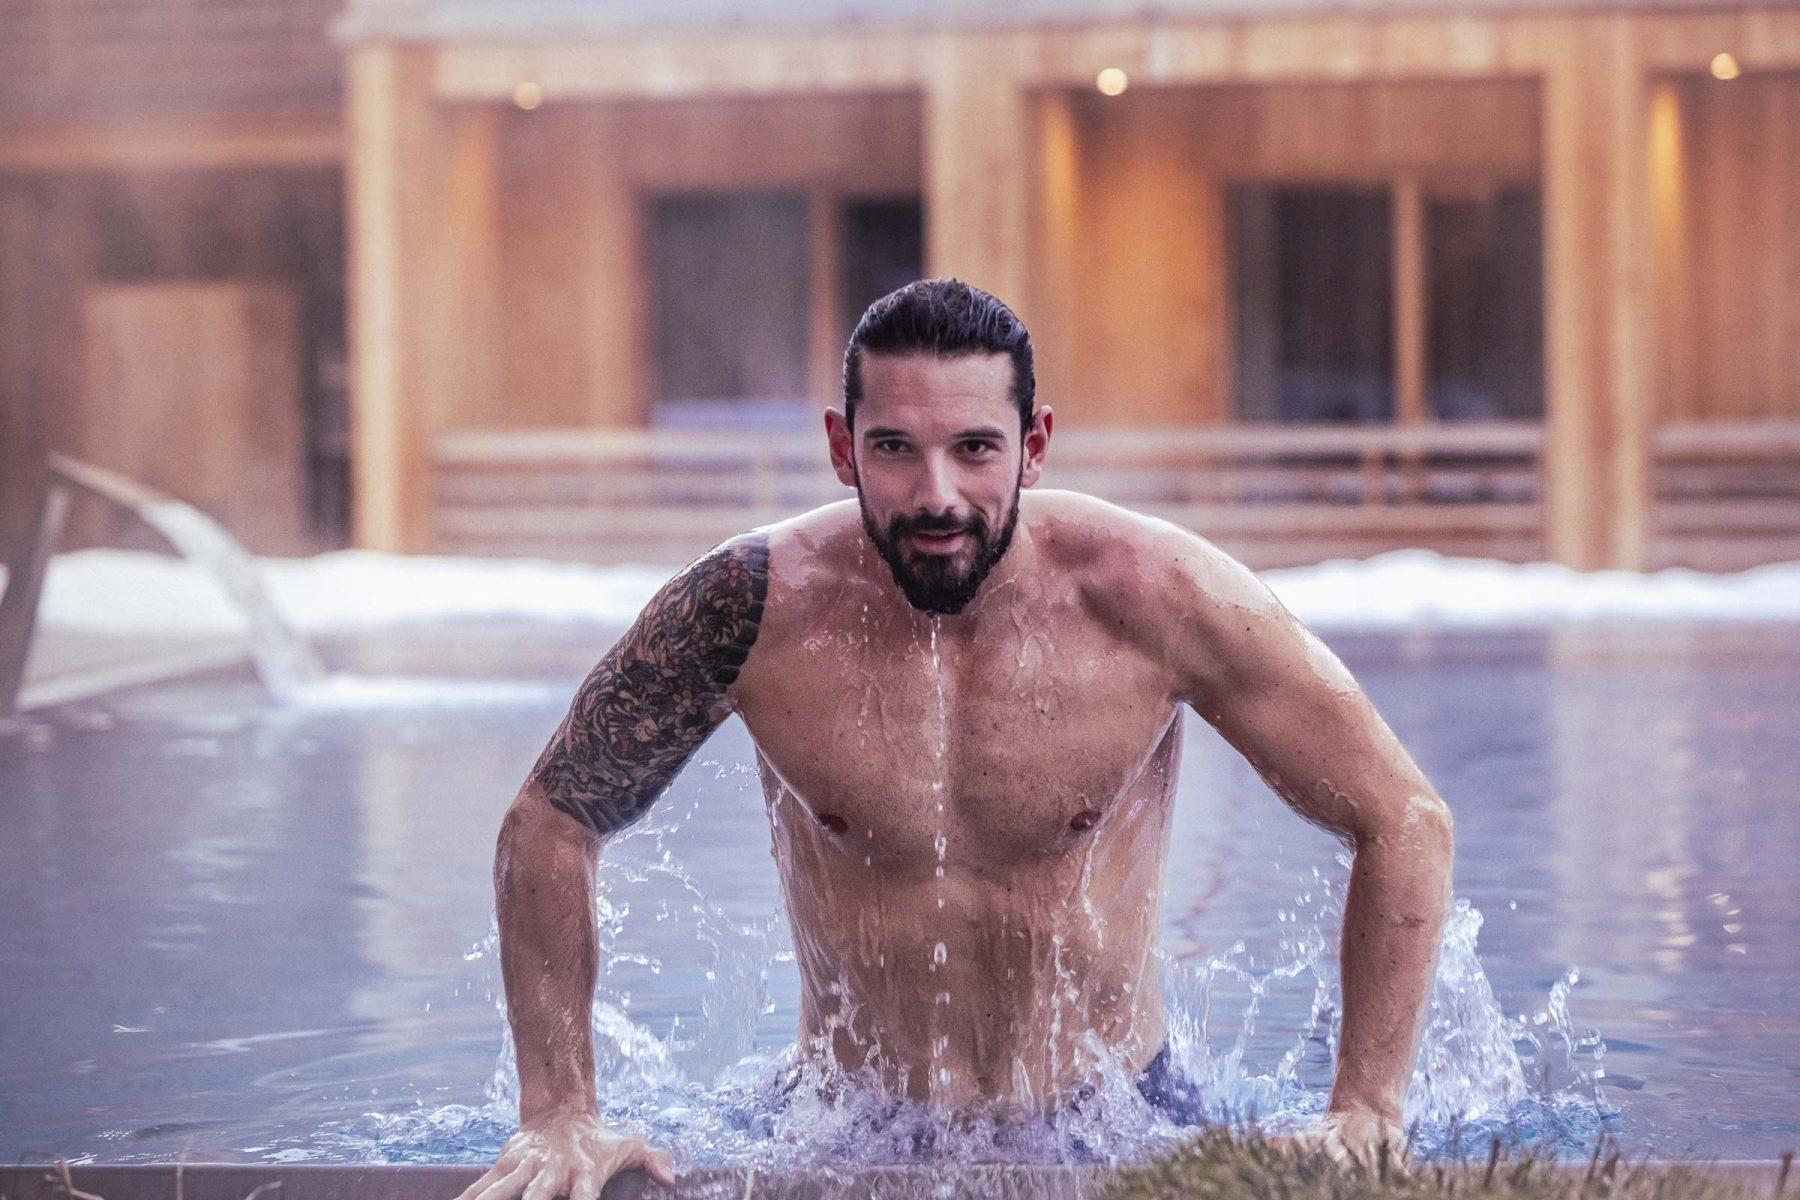 Muskelöser Man presst sich aus dem Pool am Beckenrand. Tirol Lodge - Derek Henthorn - Fotograf München